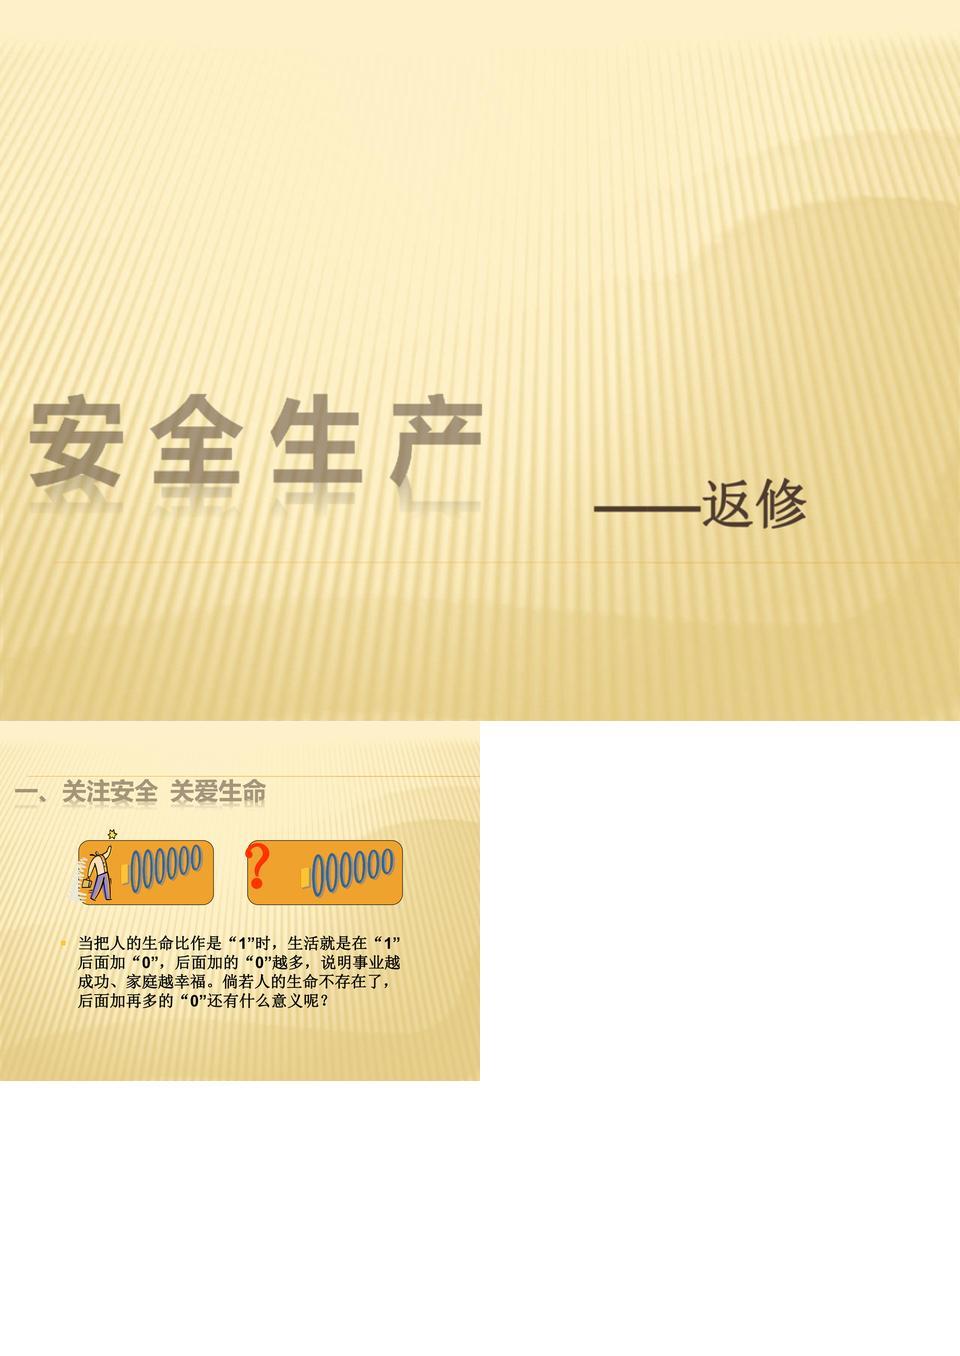 工厂安全生产知识培训资料.ppt